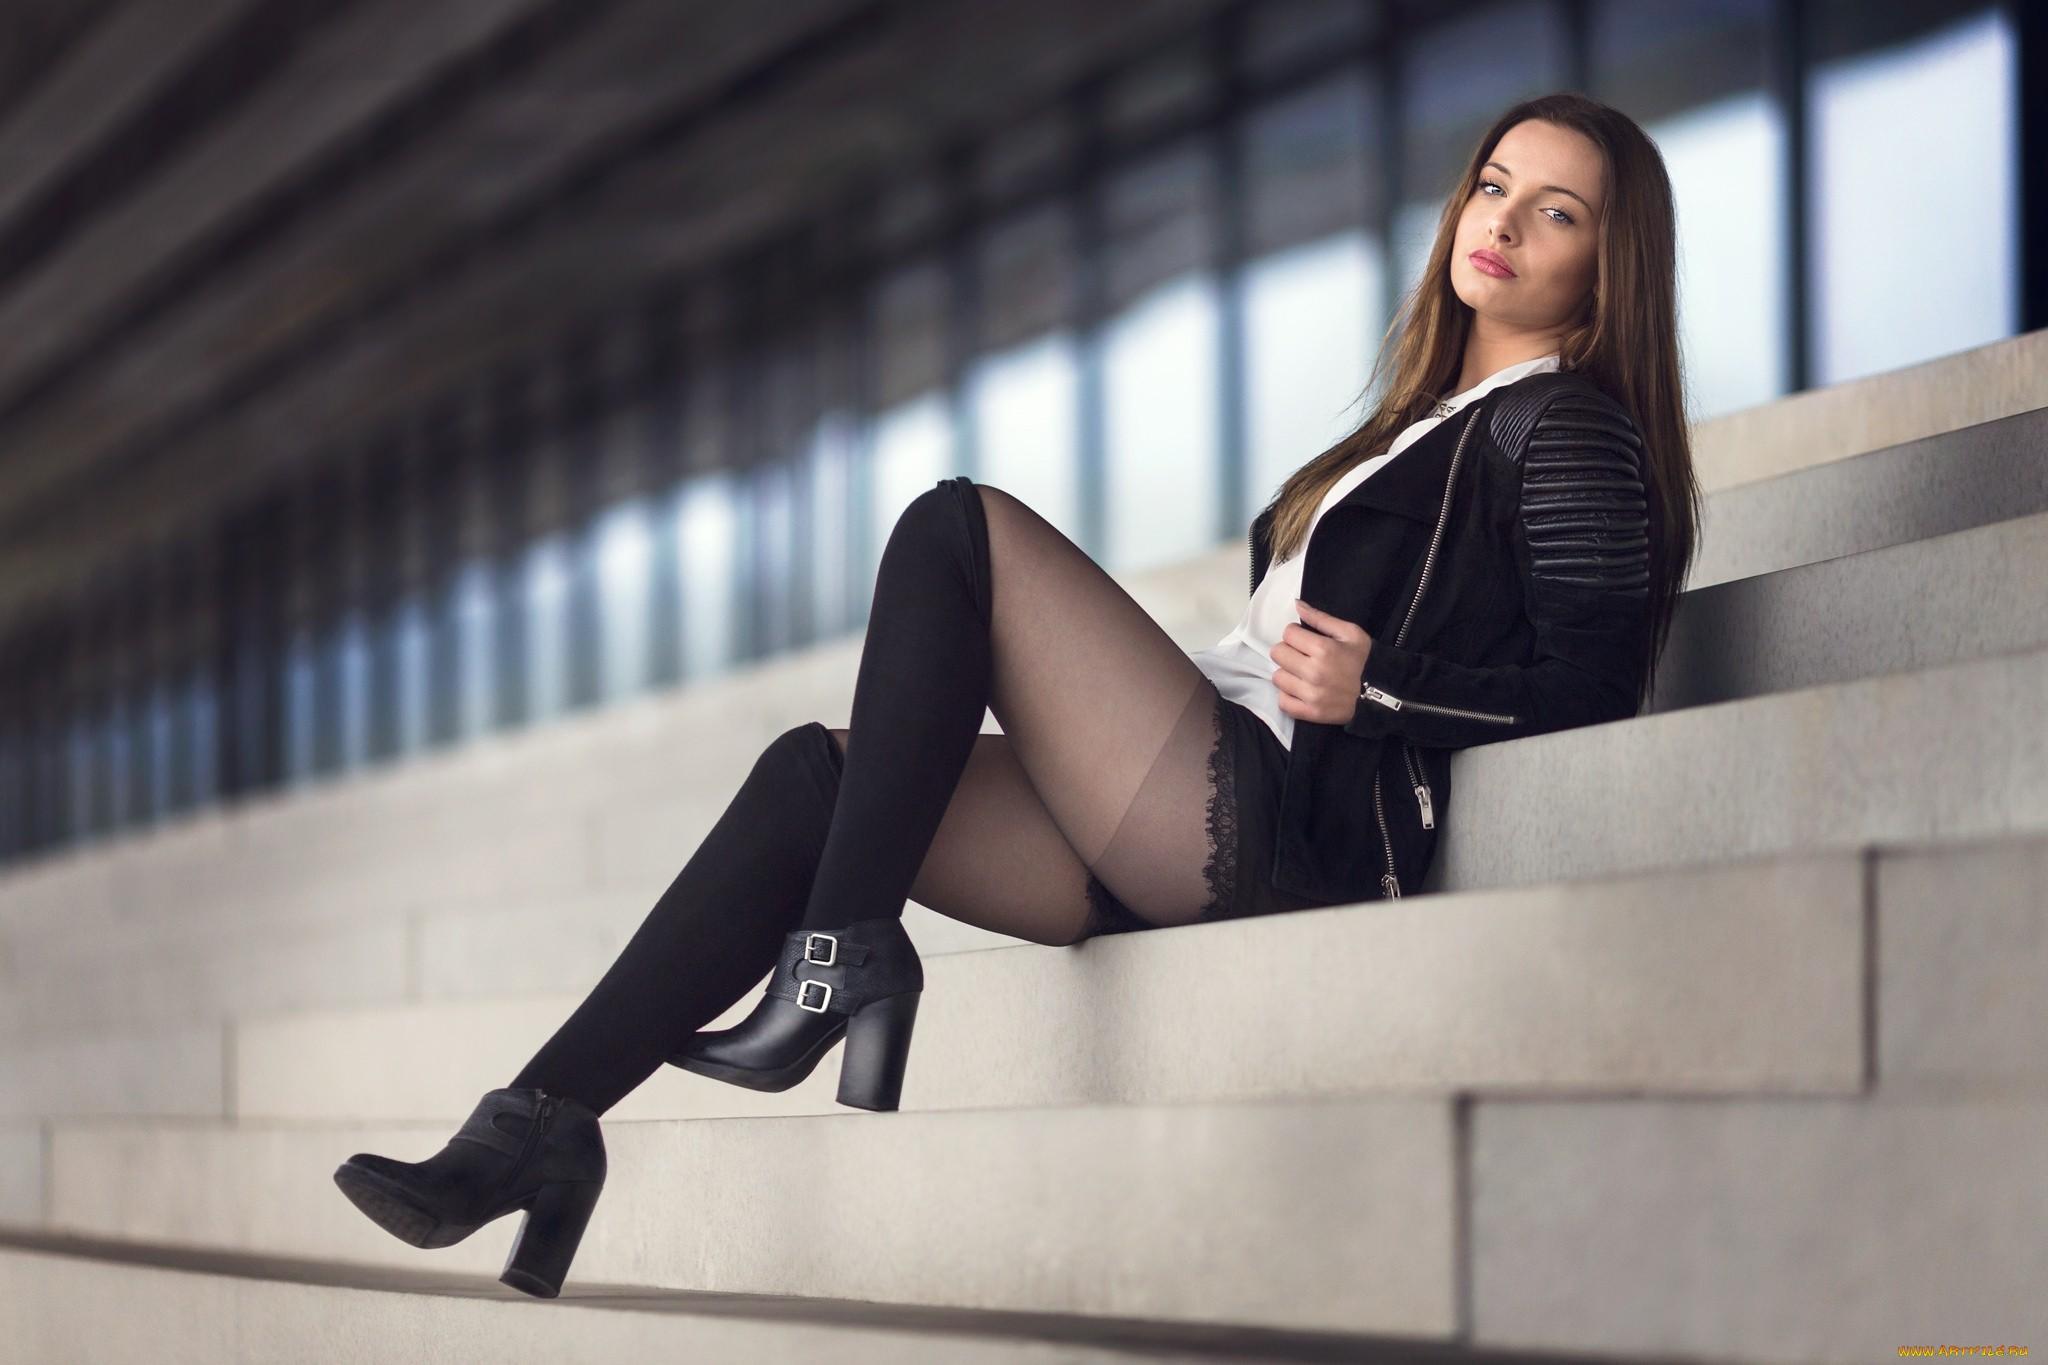 Brunette Model Pictures 6